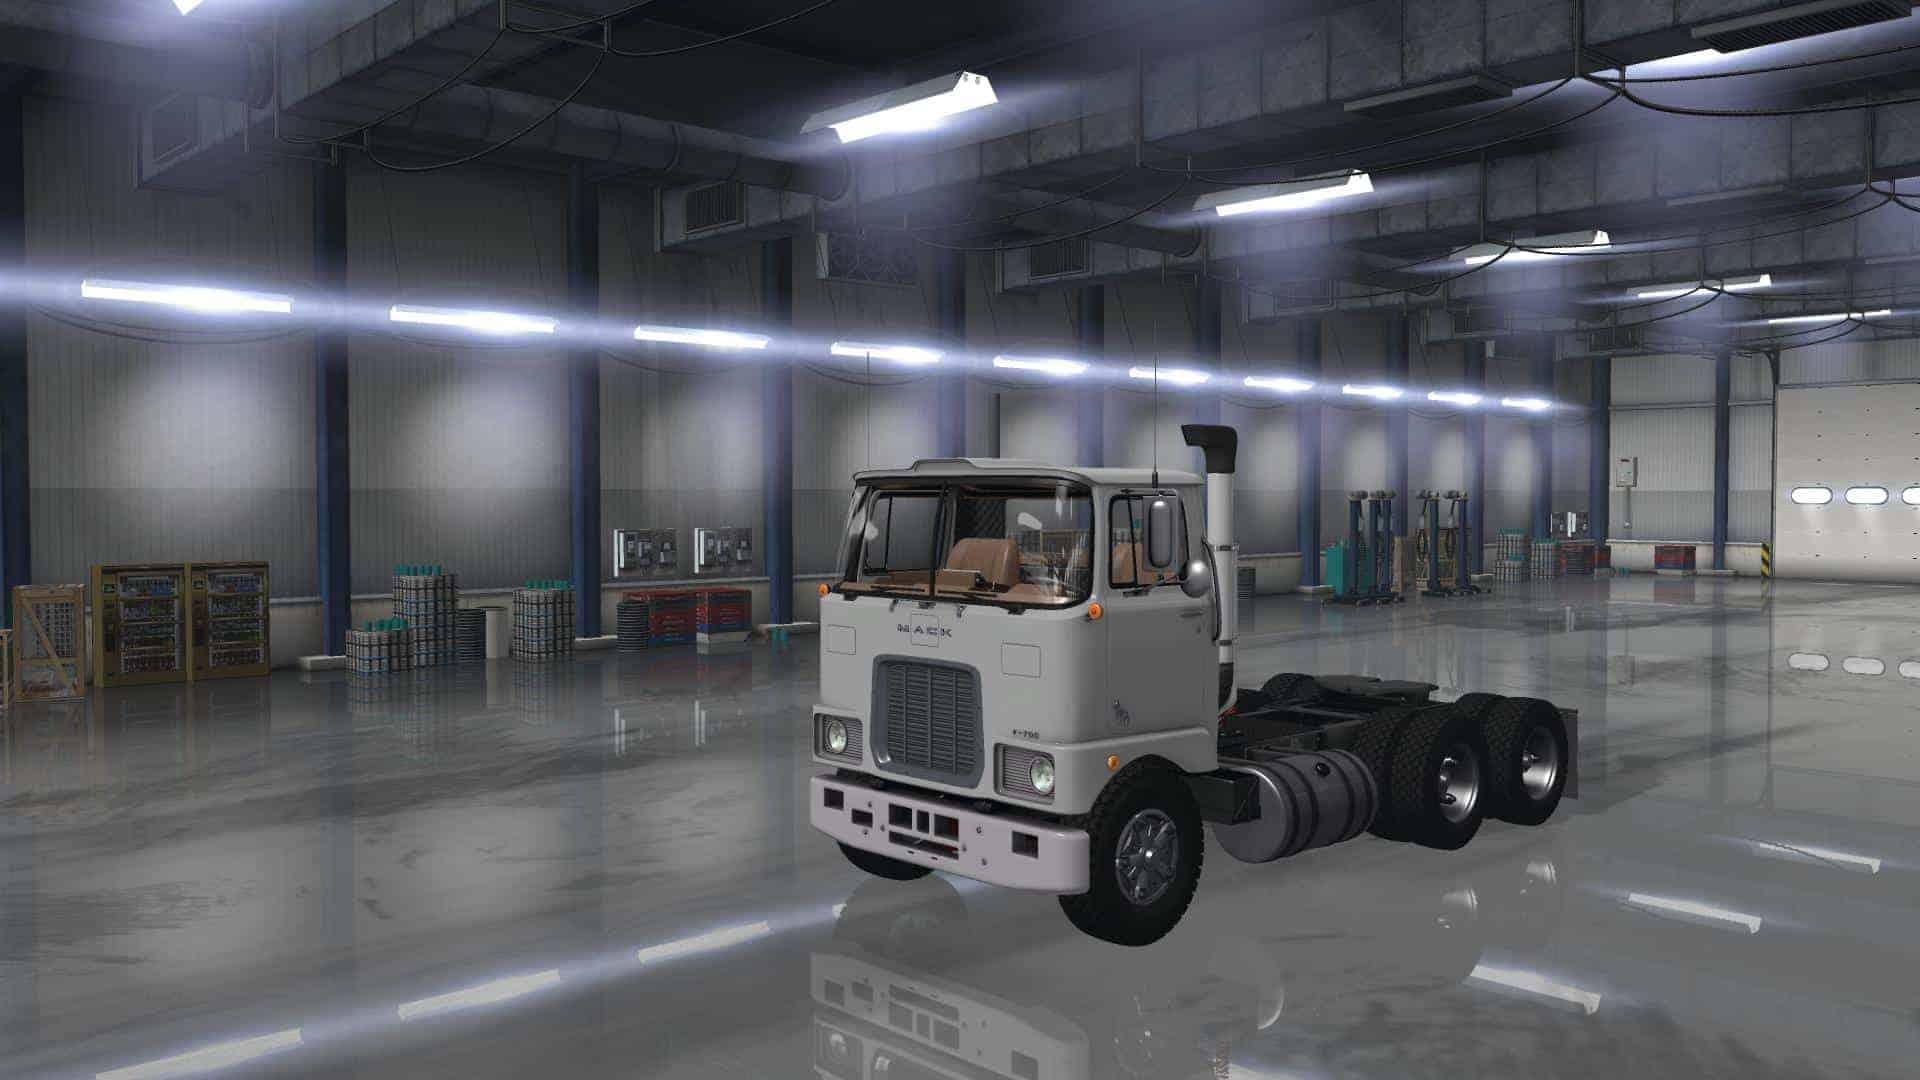 Mack F700 1 35 X Truck Ats Mod American Truck